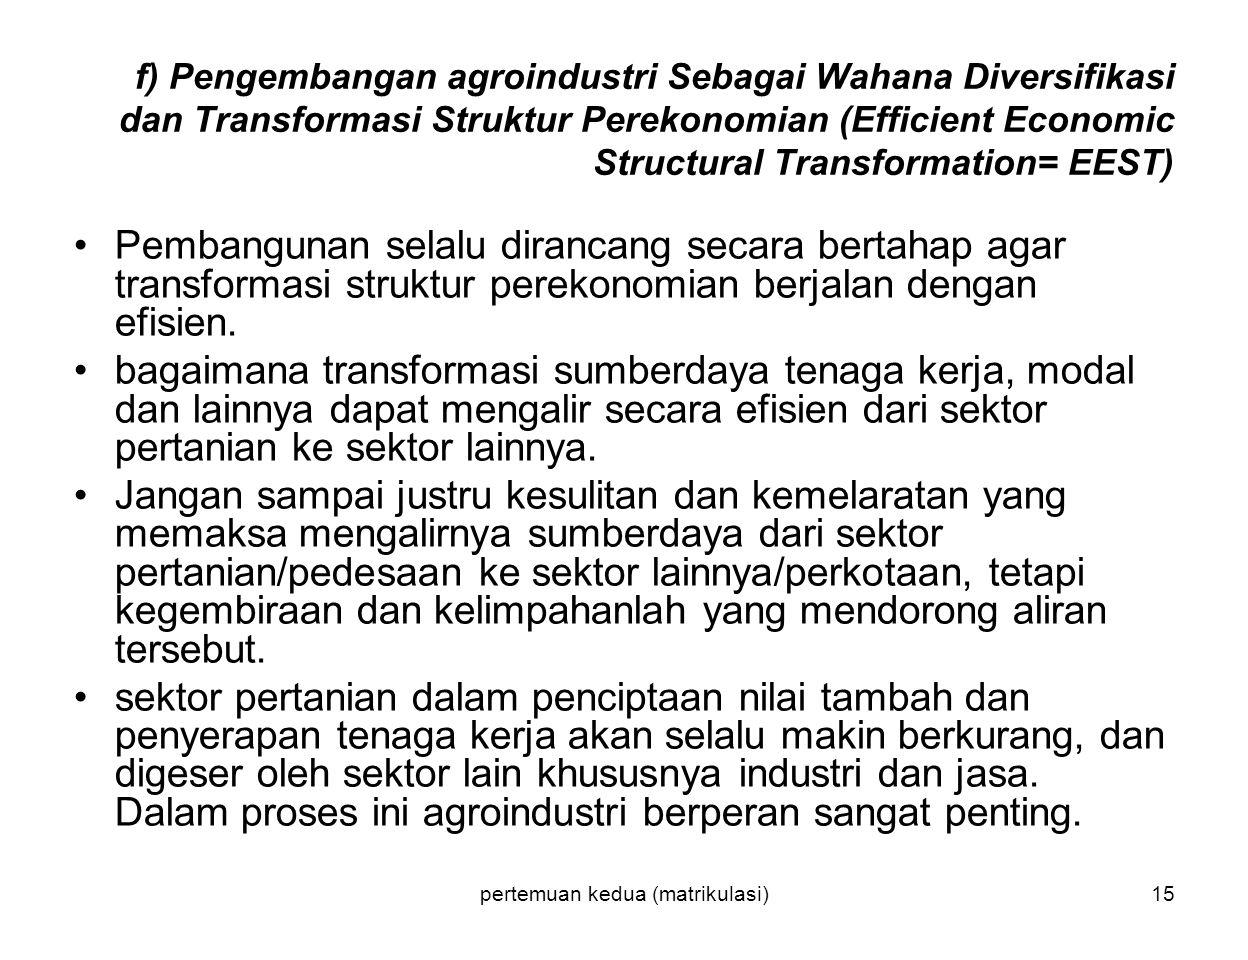 pertemuan kedua (matrikulasi)15 f) Pengembangan agroindustri Sebagai Wahana Diversifikasi dan Transformasi Struktur Perekonomian (Efficient Economic S